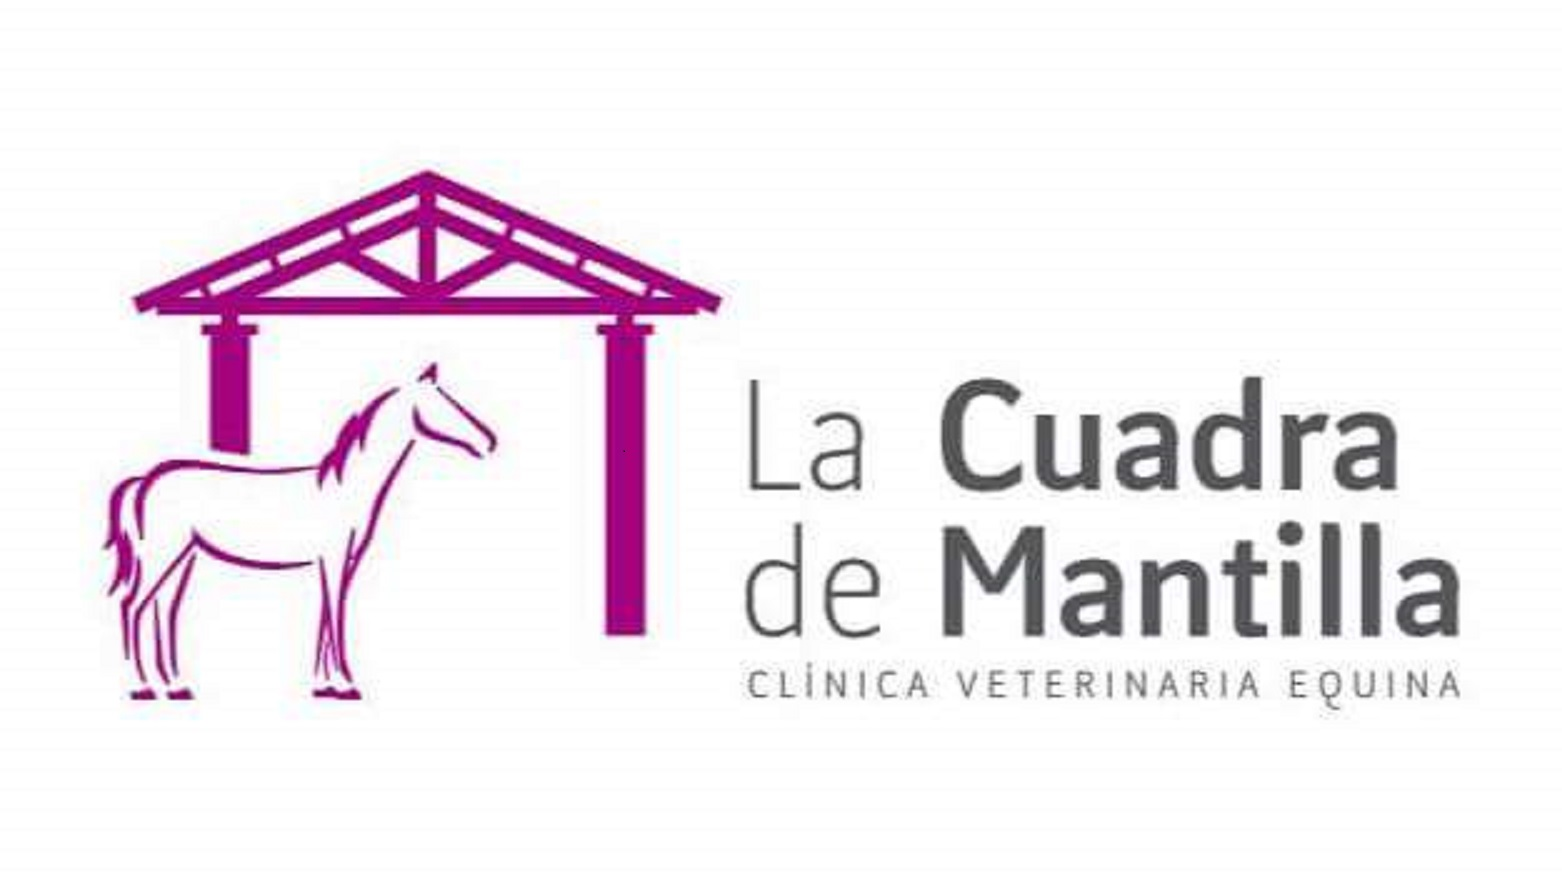 La Cuadra de Mantilla Clinica Veterinaria Equina